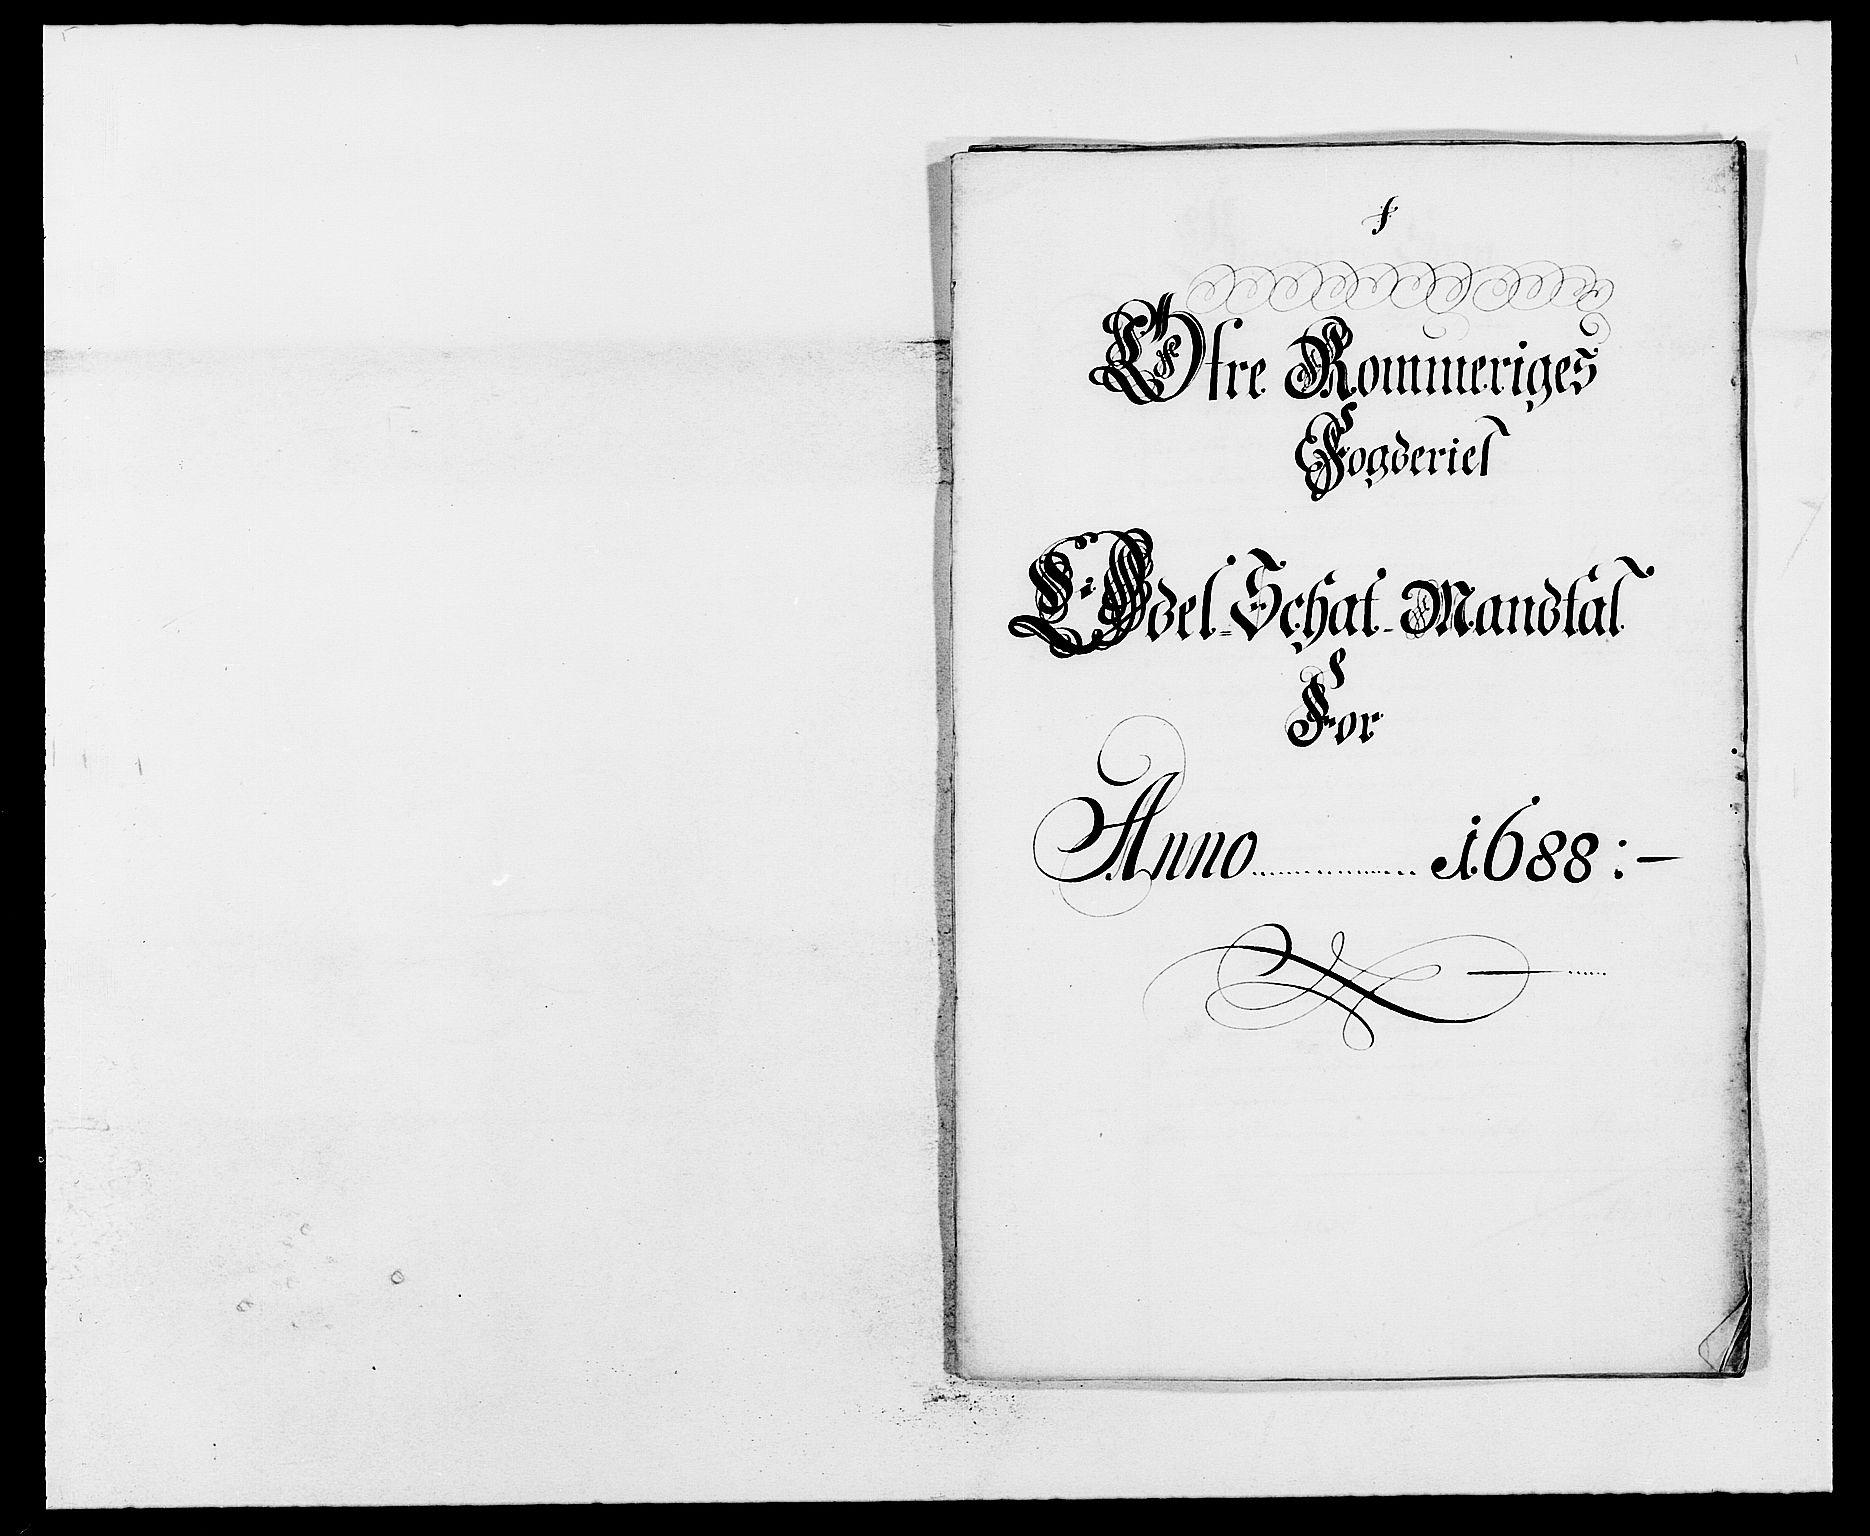 RA, Rentekammeret inntil 1814, Reviderte regnskaper, Fogderegnskap, R12/L0700: Fogderegnskap Øvre Romerike, 1687-1688, s. 385